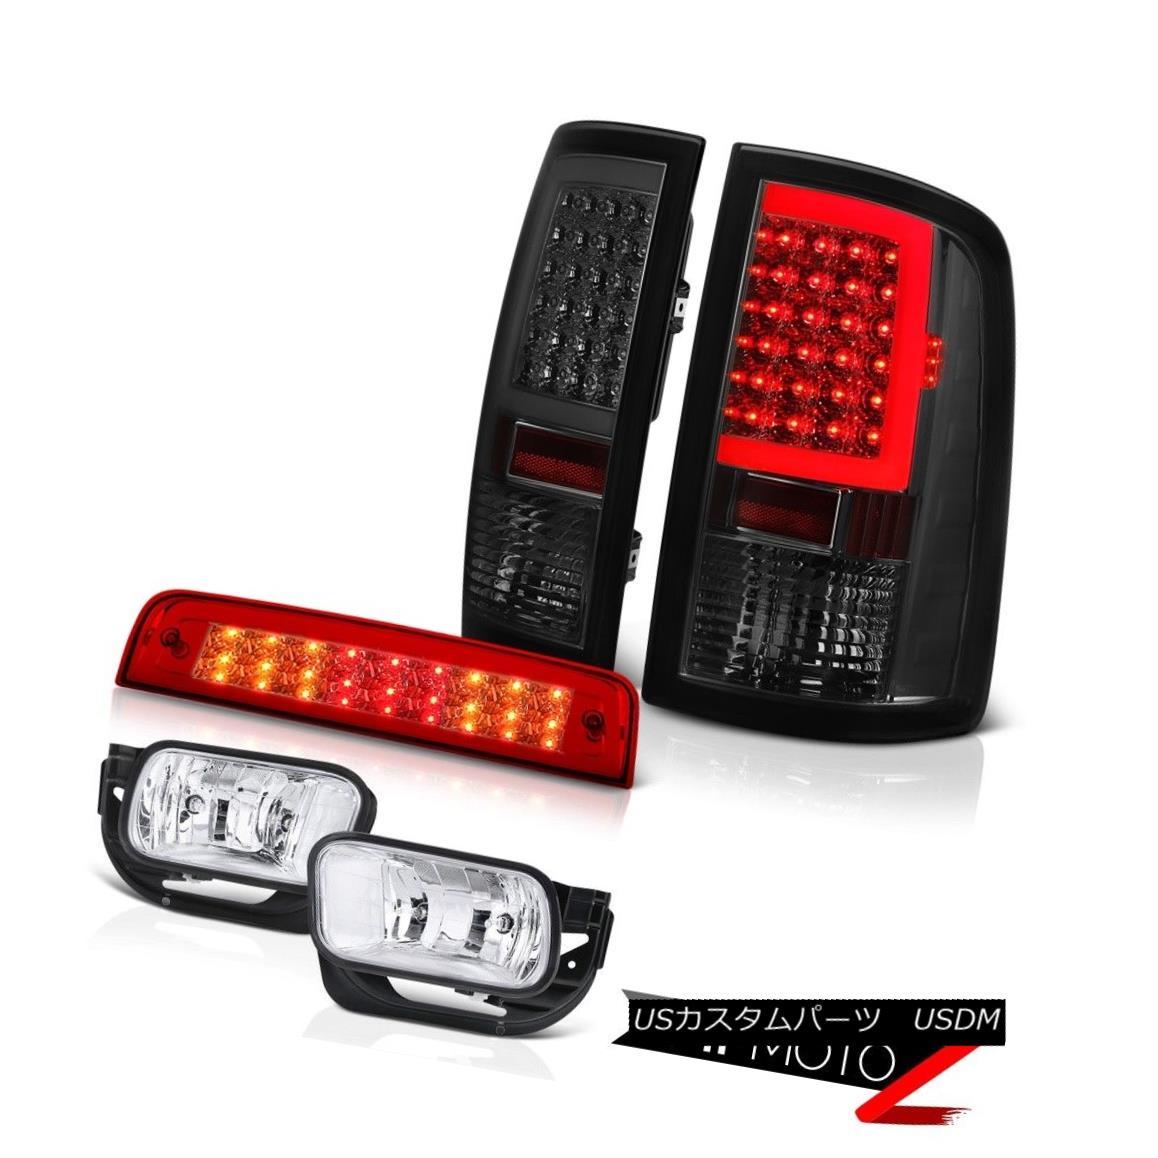 テールライト 09 10 11 12 13 Dodge RAM 1500 Smoked Tail Lamps Red Brake Lights Fog Light SET 09 10 11 12 13ダッジRAM 1500スモークテールランプレッドブレーキライトフォグライトSET